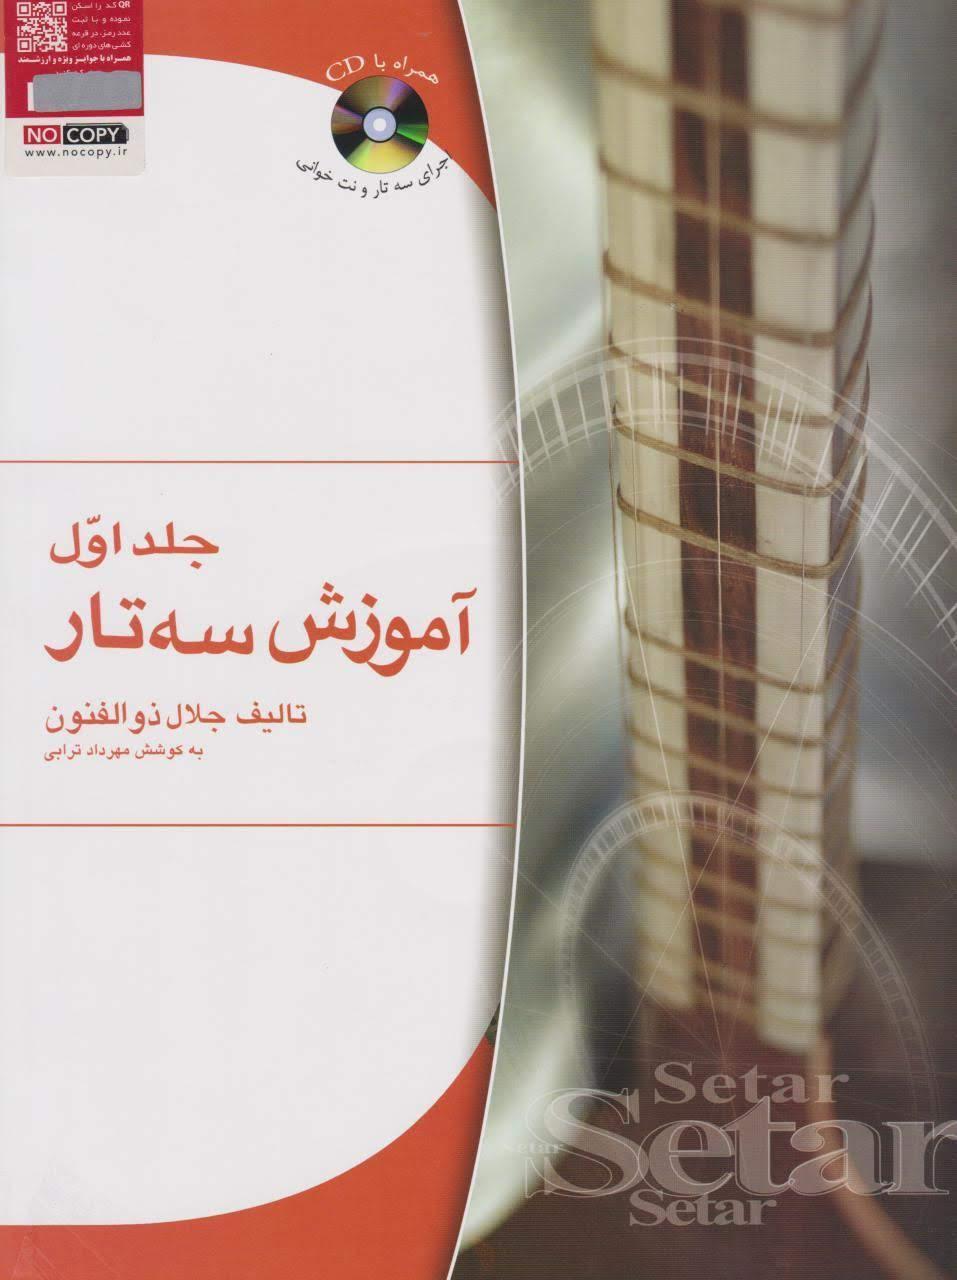 اجرای کتاب آموزش سهتار استاد جلال ذوالفنون جلد اول سهتار نیما فریدونی صوتی